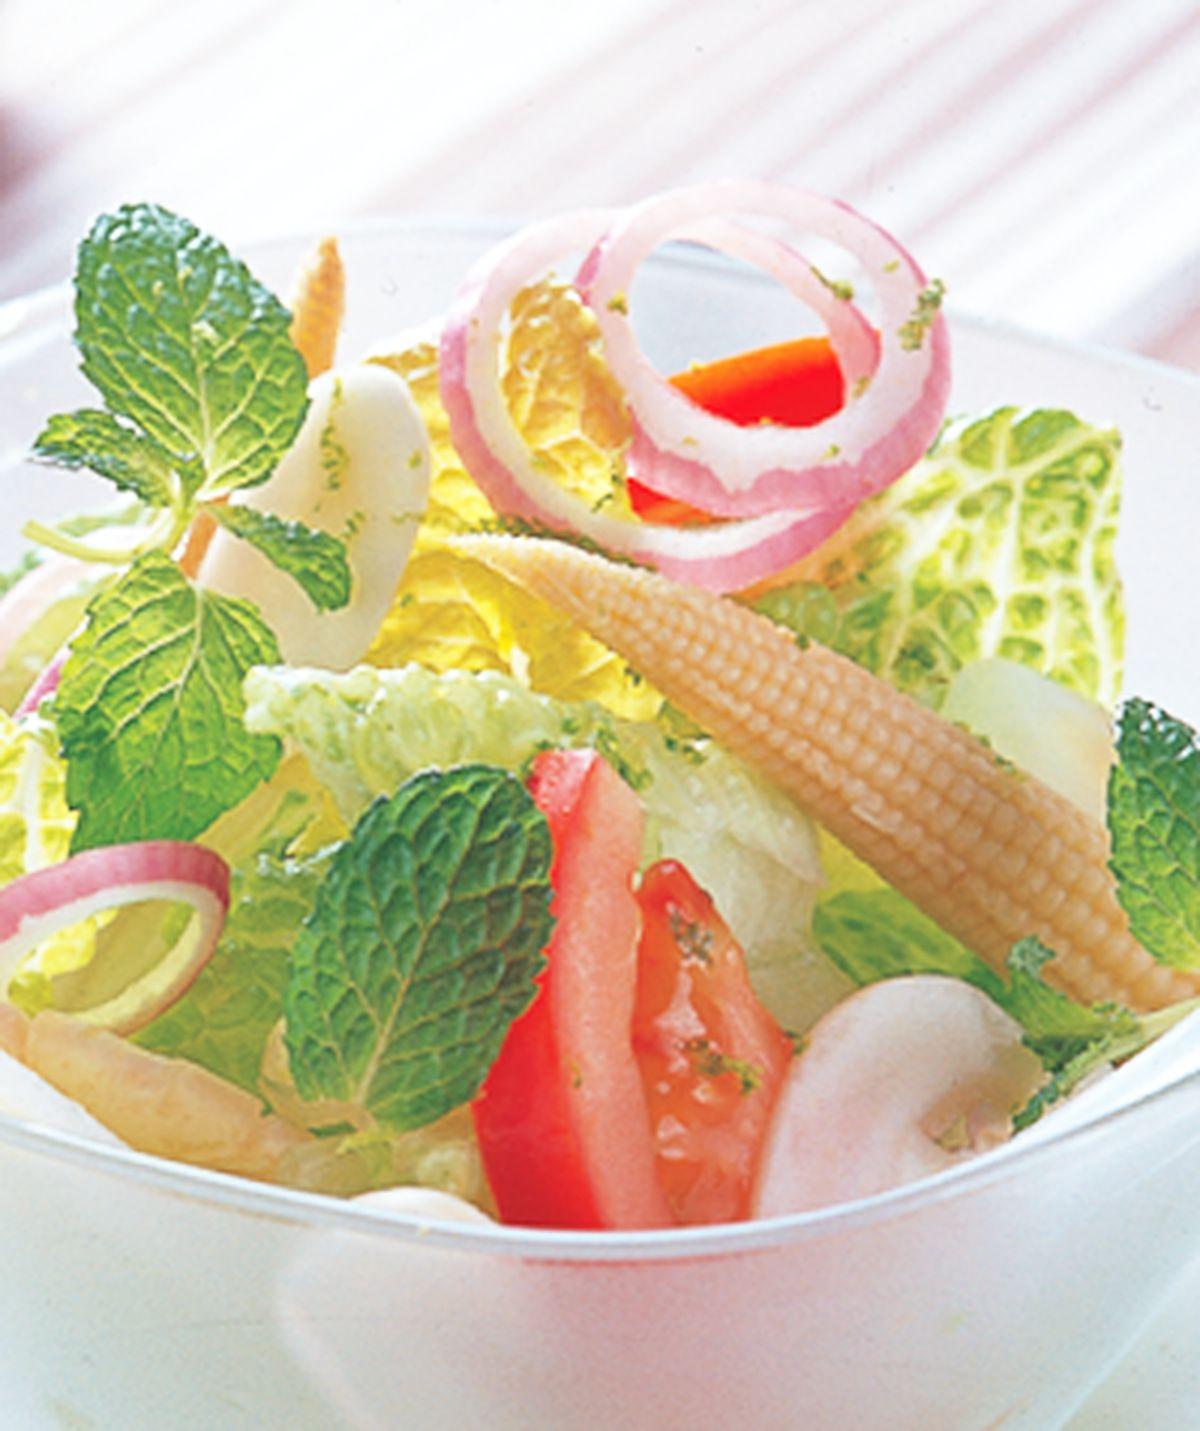 多種涼拌小菜或蔬菜沙拉做法 - Yahoo!奇摩知識+